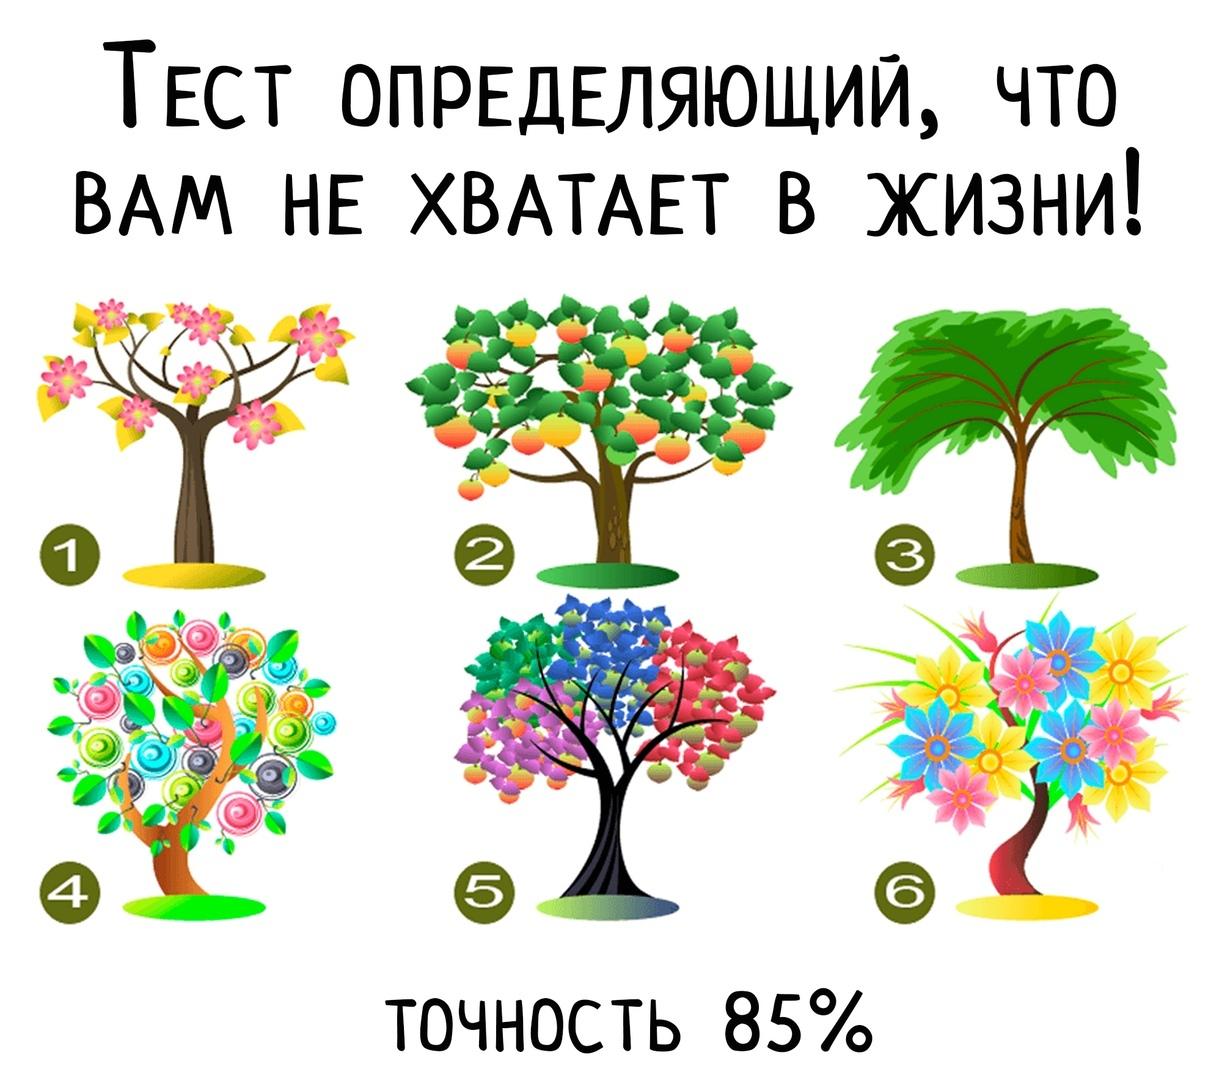 Психологический тест в картинках деревья многих